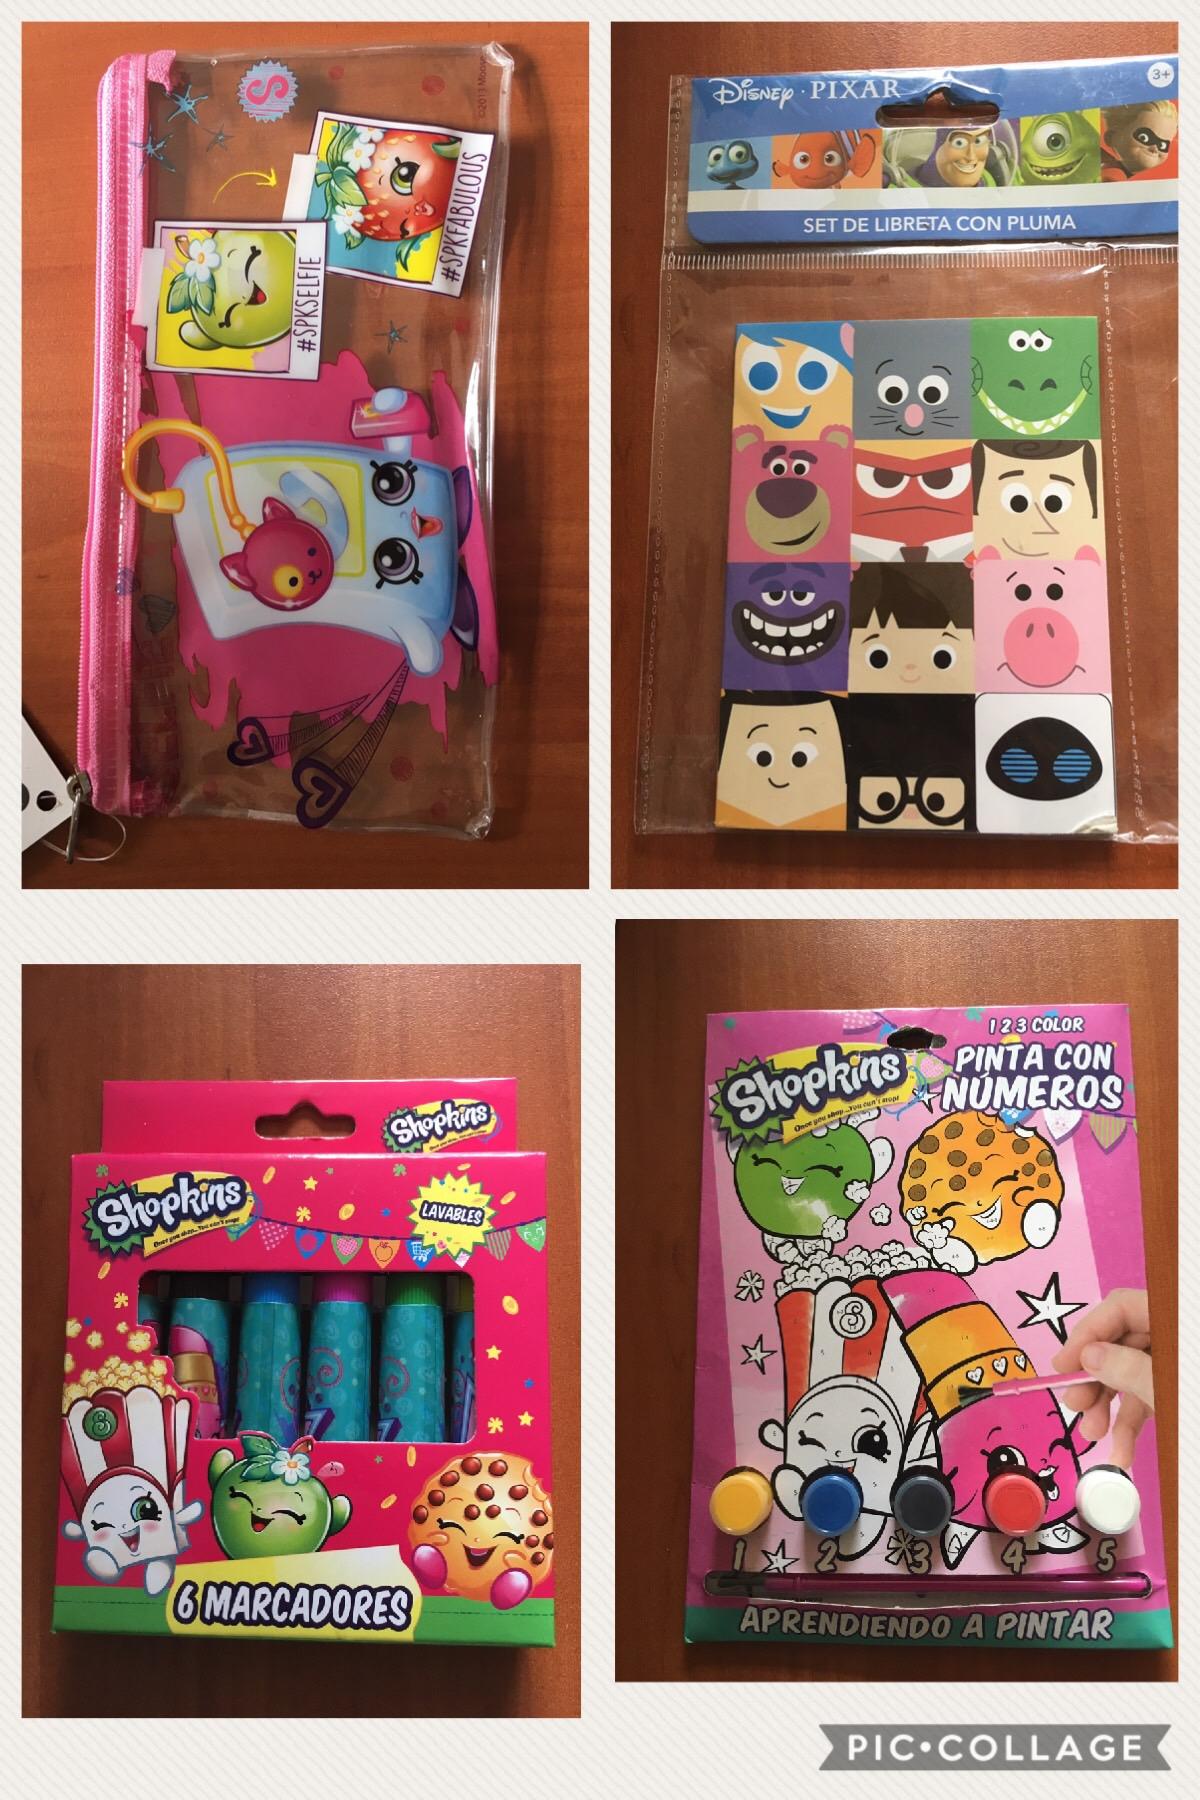 Walmart PRICHOS Toluca EDOMEX artículos de papelería de shopkins: marcadores, lapicera, set de arte en $3.02